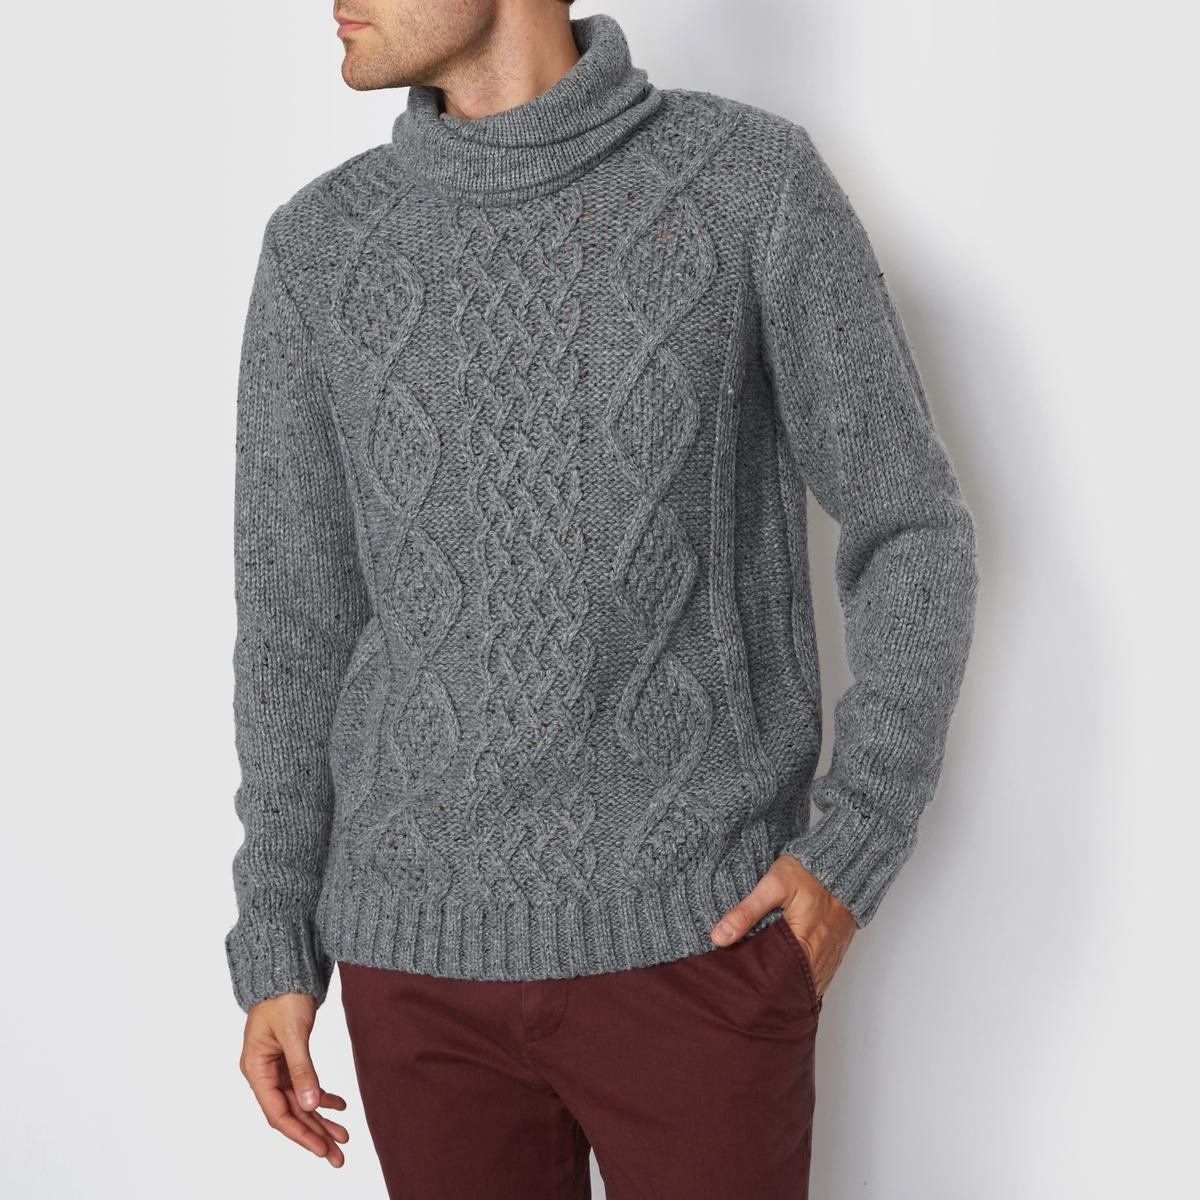 Пуловер с узором косы и воротником снудМатериал : 100% акрил<br><br>Цвет: серый<br>Размер: M.XXL